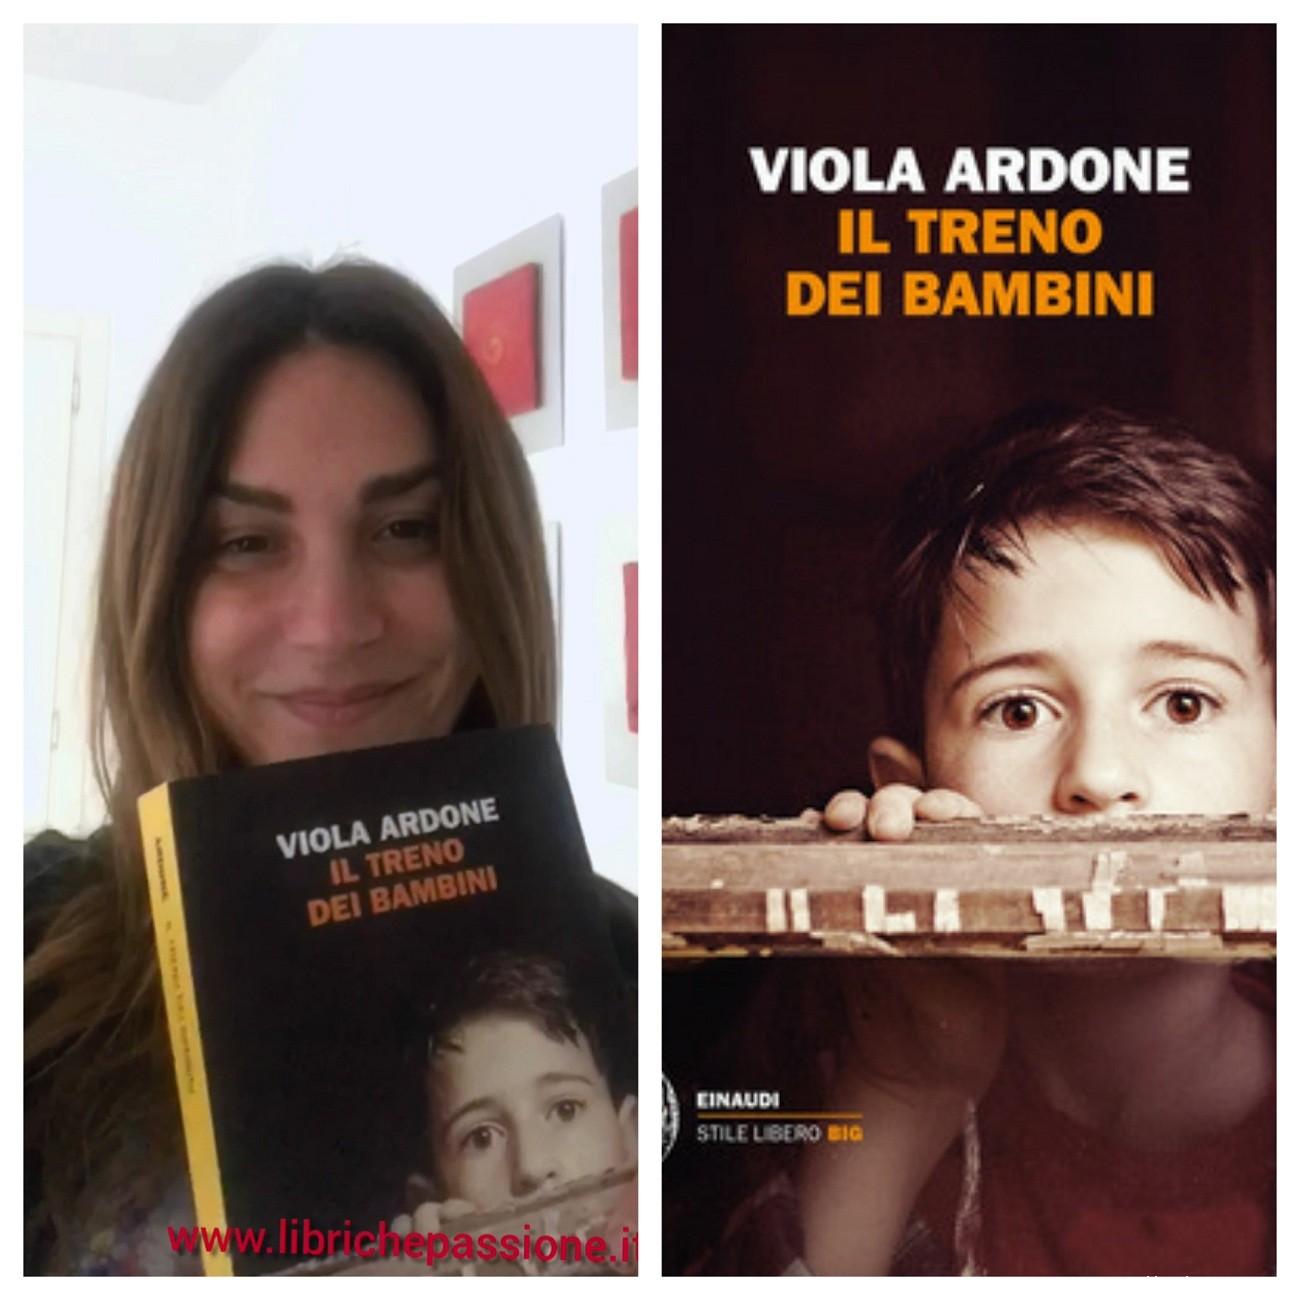 """""""Ve lo legge lo scrittore"""" stasera ospite del Blog c'è   Viola Ardone, autrice del romanzo: """"Il treno dei bambini"""" edito da Einaudi"""